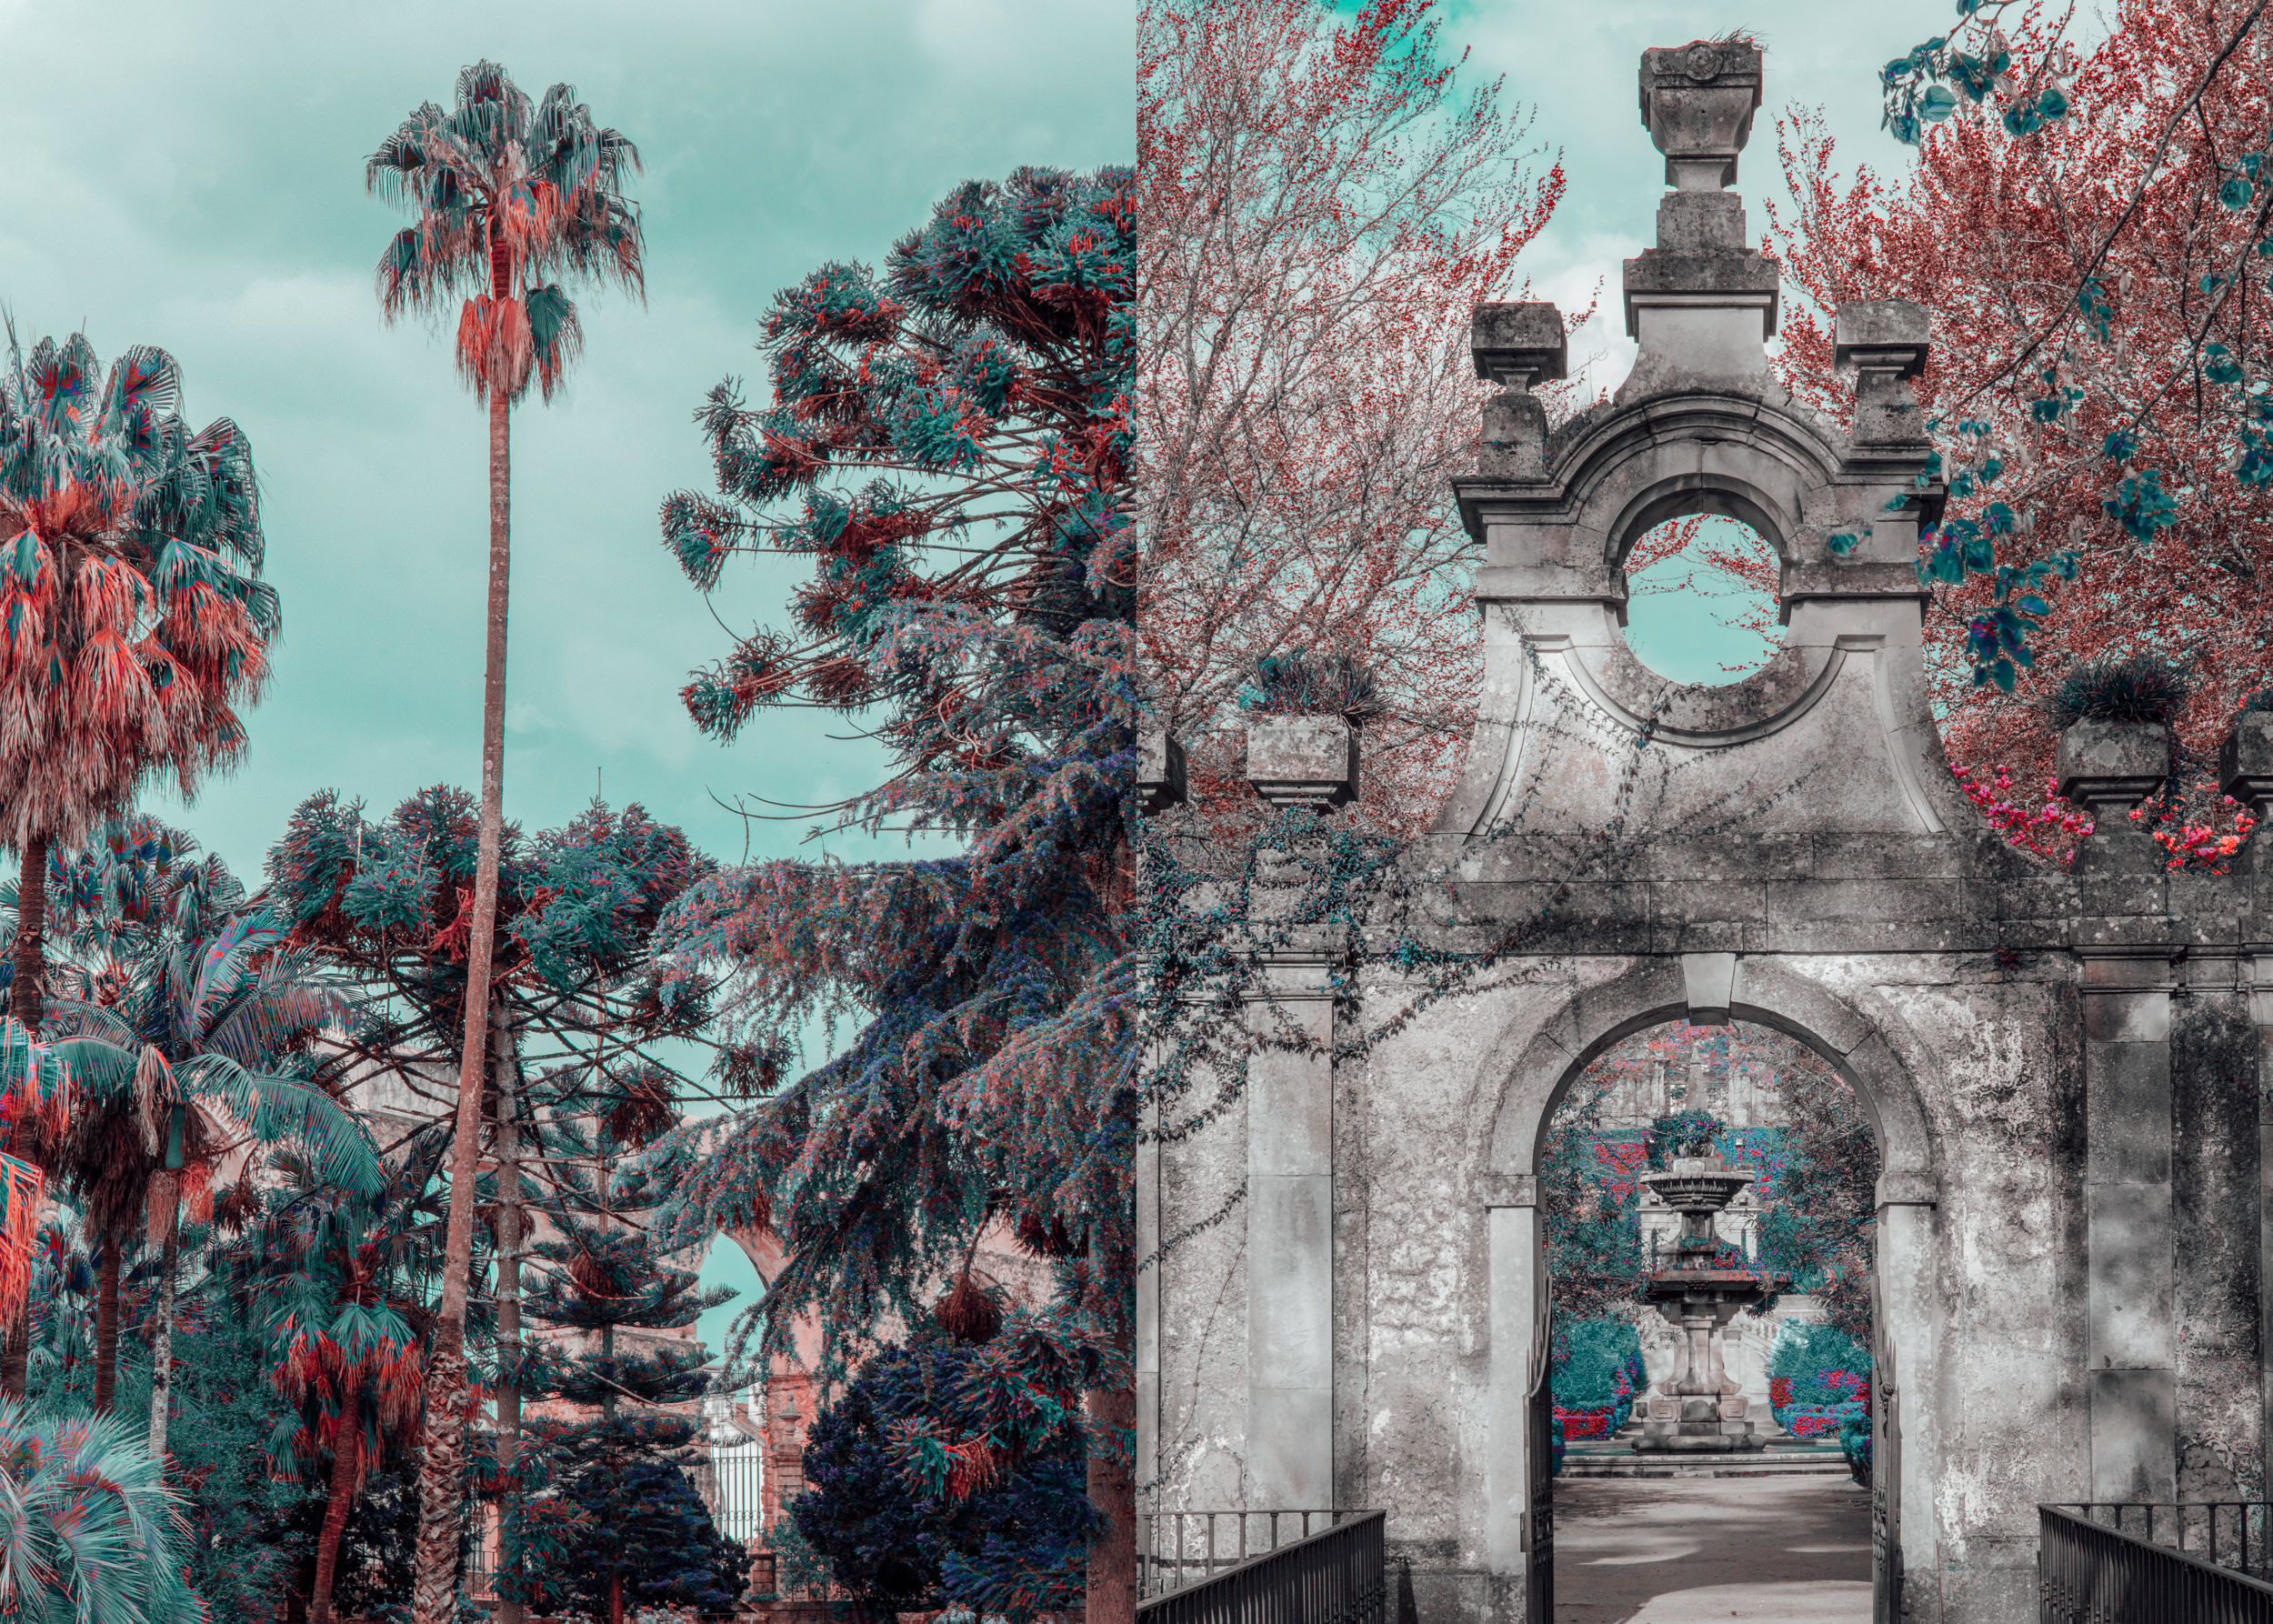 Coimbra Date 3/3